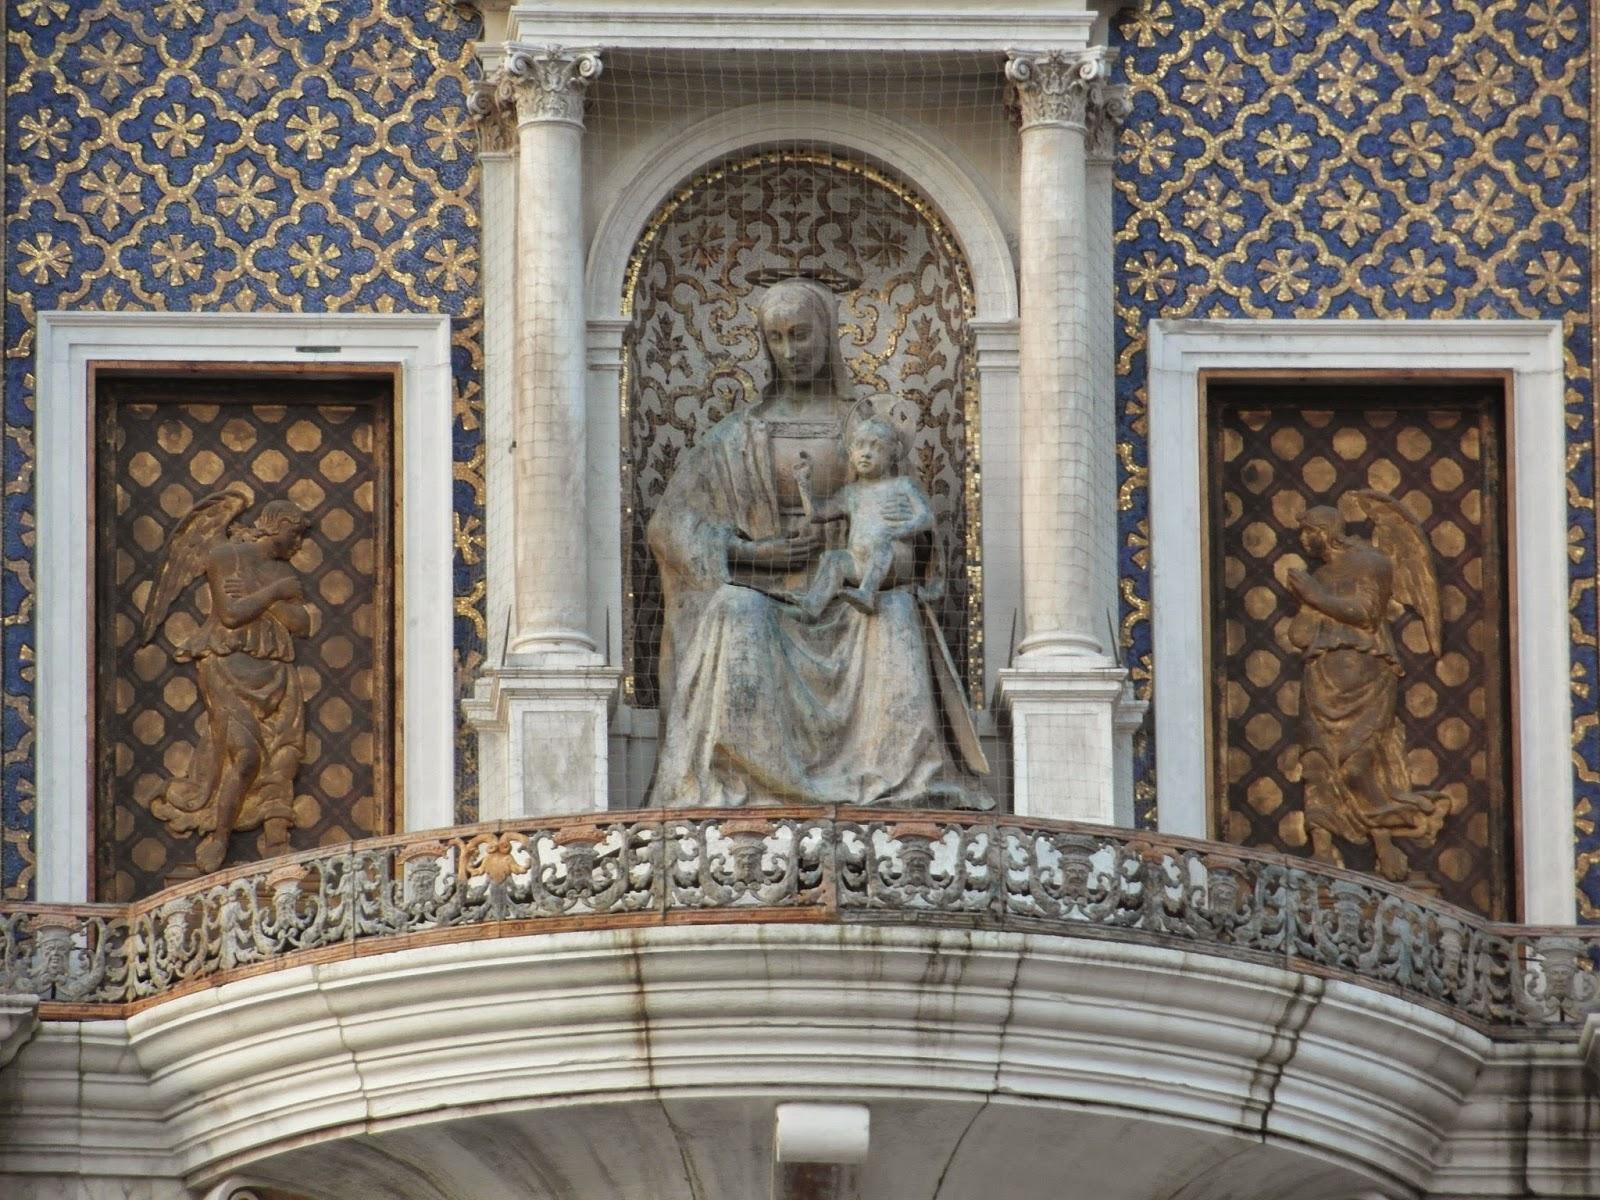 Madonna and Child, Torre dell'Orologio, Venice